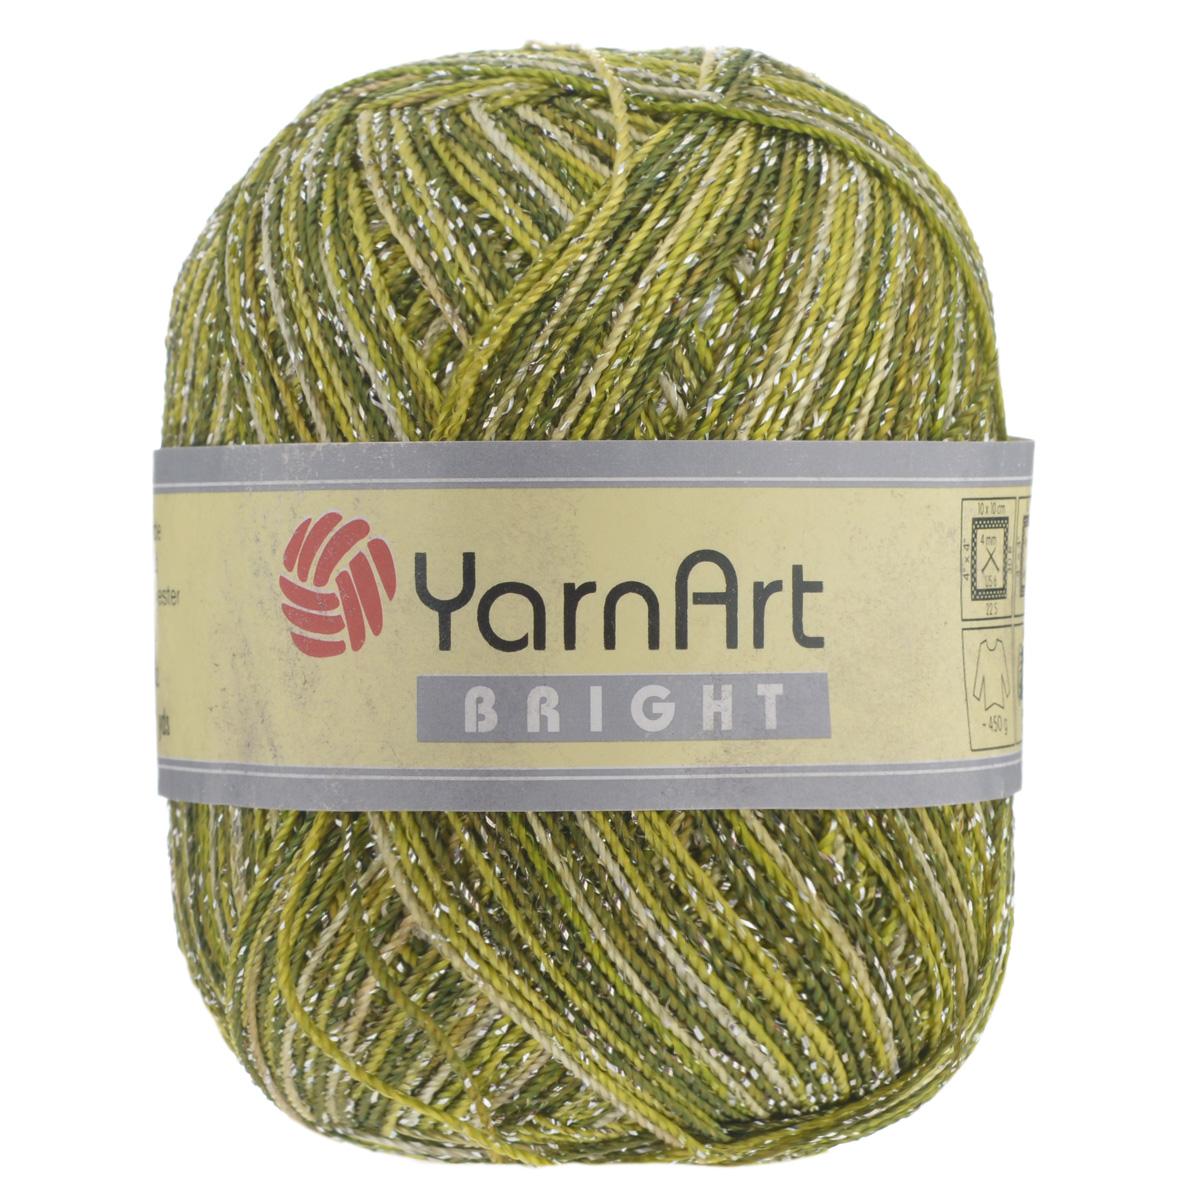 Пряжа для вязания YarnArt Bright, цвет: зеленый, темно-зеленый (208), 340 м, 90 г, 6 шт372010_208С фантазийной пряжей YarnArt Bright с металлизированным полиэстером вязаные изделия приобретут оригинальный вид. Из такой пряжи можно вязать изделие целиком или использовать ее для отделки. В основном вяжут из таких ниток нарядные вещи - болеро, блузки, топики, платья, юбки, пуловеры и т. д. В настоящее время вязание плотно вошло в нашу жизнь, причем не столько в виде привычных свитеров, сколько в виде оригинальных, изящных моделей из самой разнообразной пряжи. Поэтому так важно подобрать именно ту пряжу, которая позволит вам связать даже самую сложную и необычную модель изделия. Комплектация: 6 мотков. Состав: 80% полиэстер, 20% металлизированный полиэстер. Допускается машинная стирка 40°C. Рекомендованы спицы и крючок 4 мм.